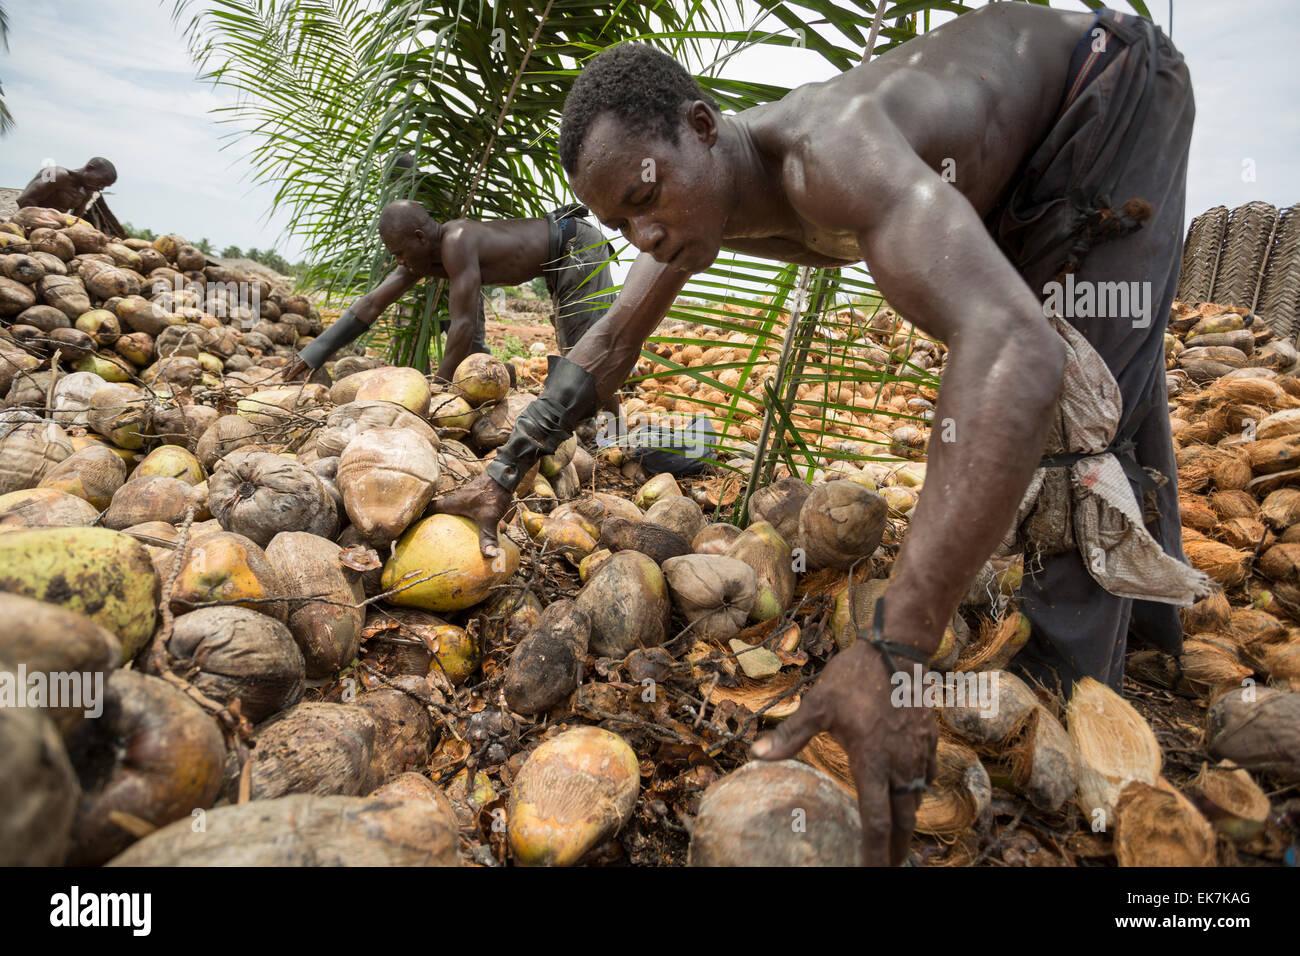 Un lavoratore di pule di noci di cocco in un commercio equo produttore di noce di cocco in Grand Bassam, Costa d'Avorio, Immagini Stock